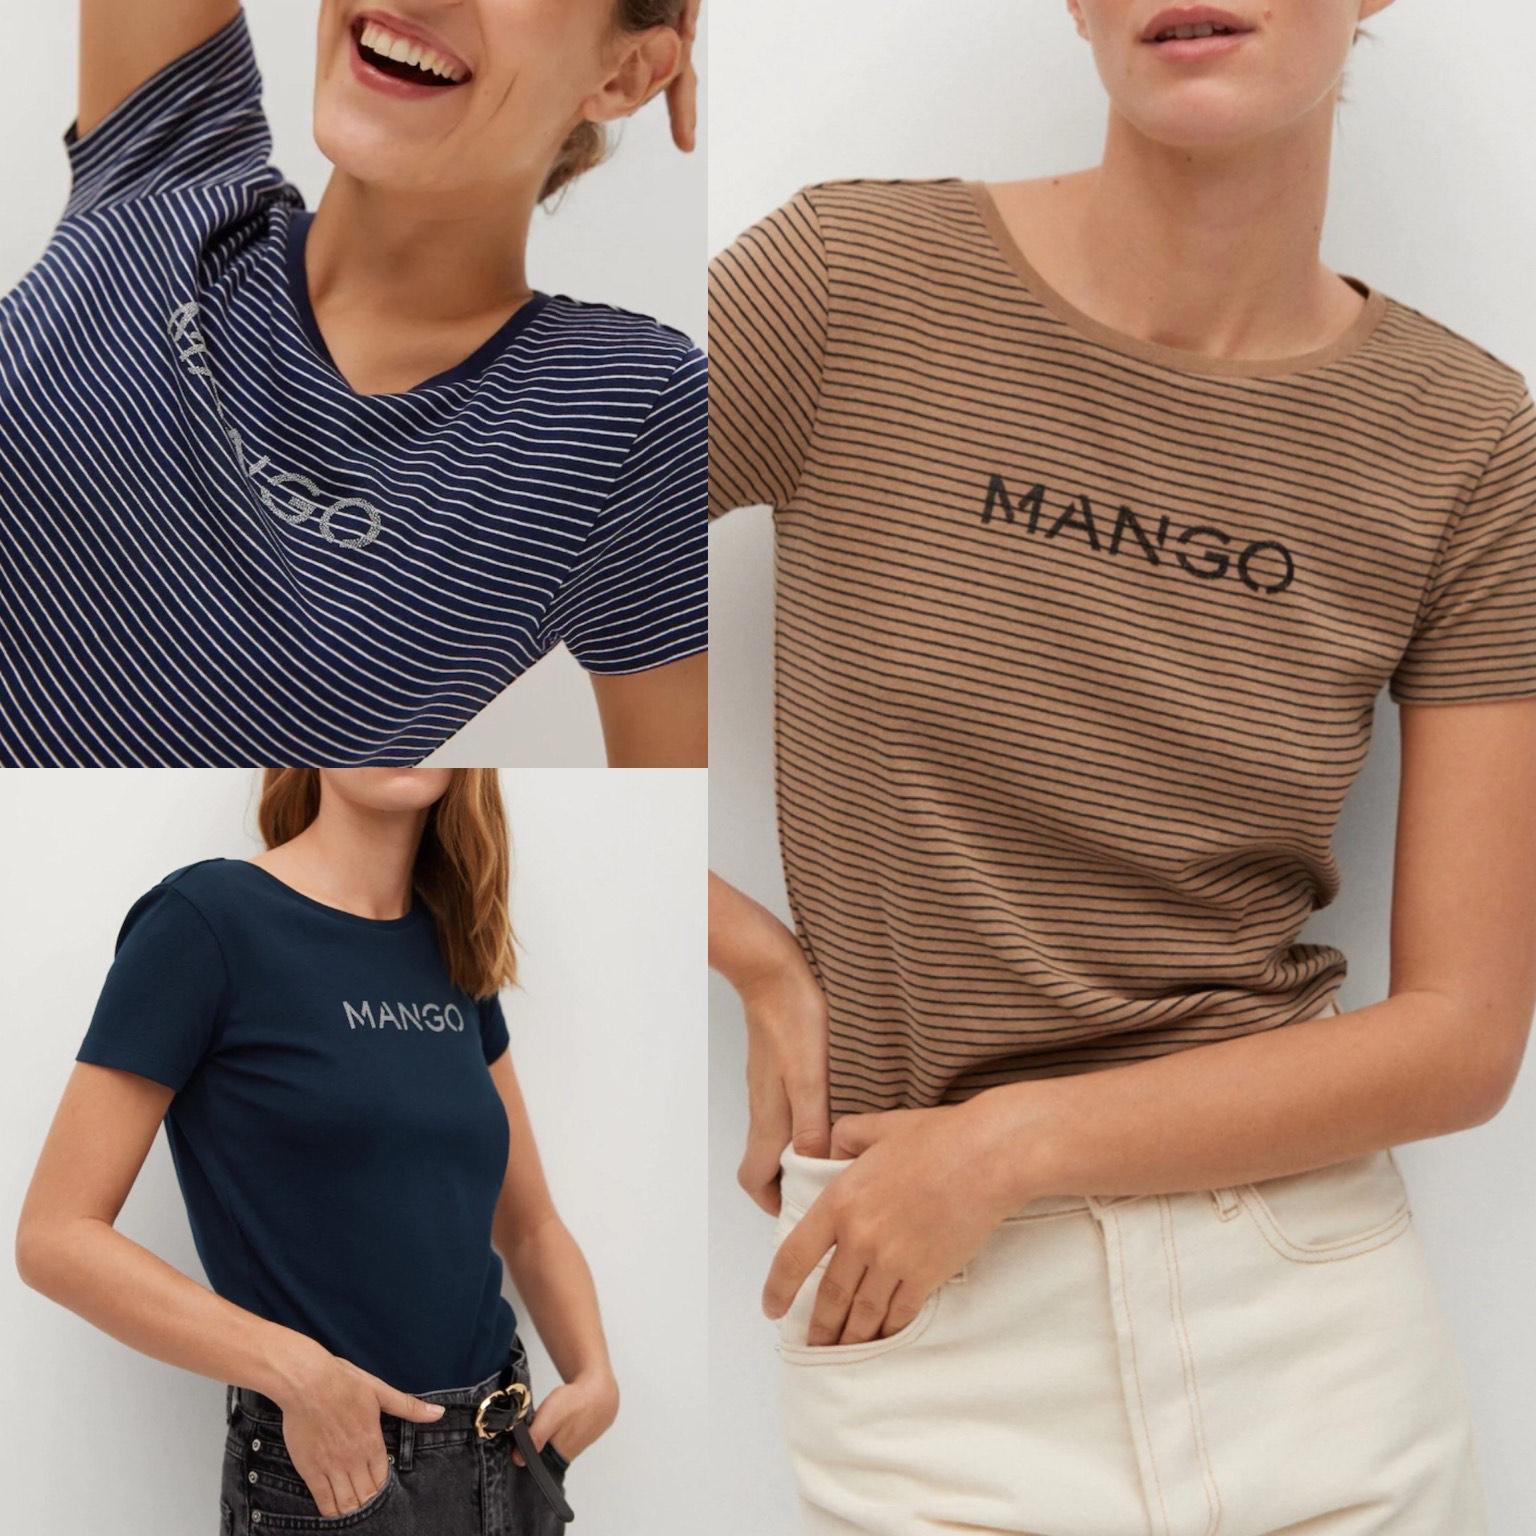 Camisetas mujer logo Mango en algodón orgánico por -4€ (envío gratis a tienda)